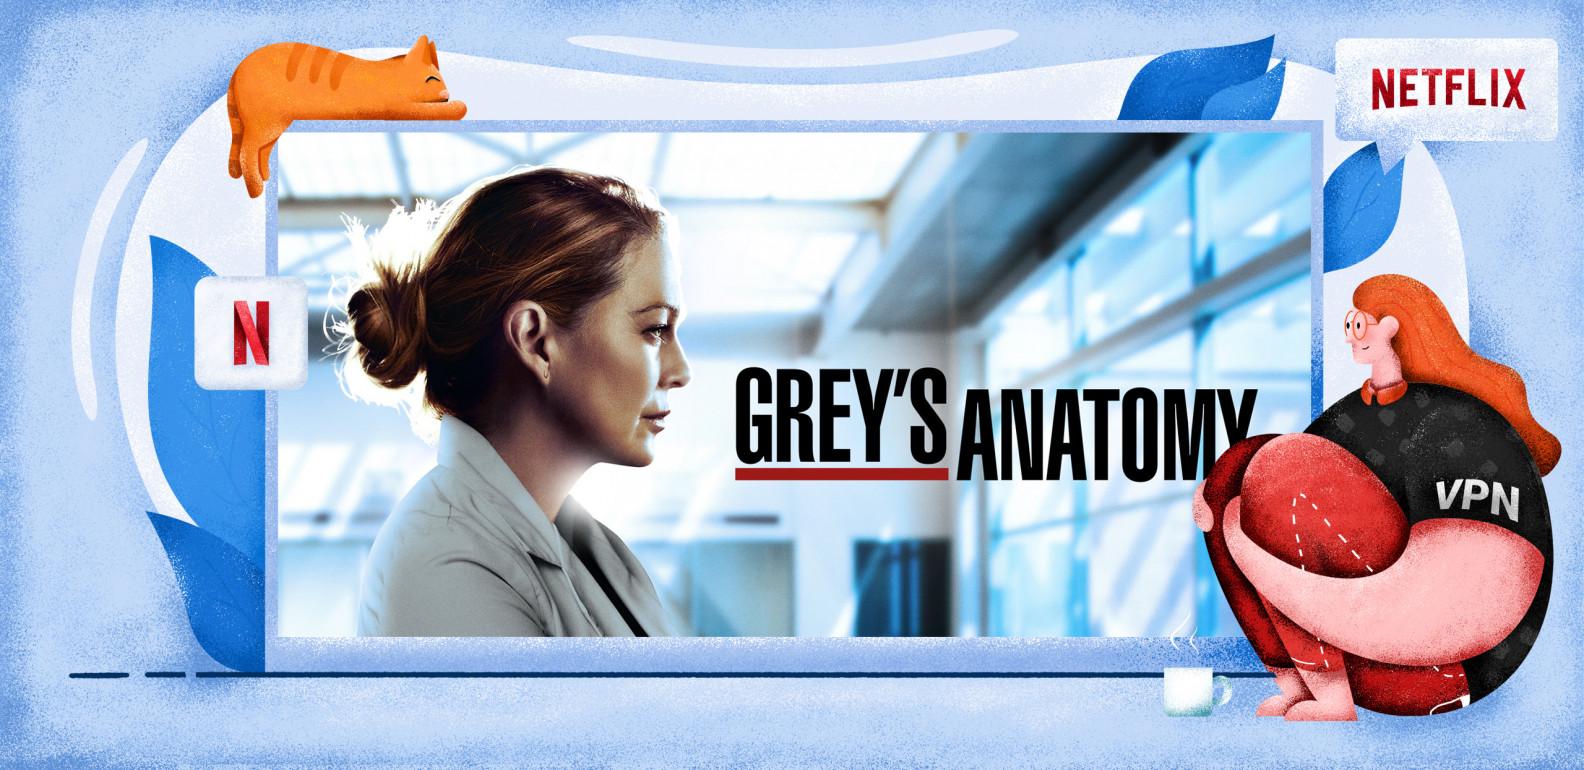 Hoe kun je Grey's Anatomy op Netflix kijken